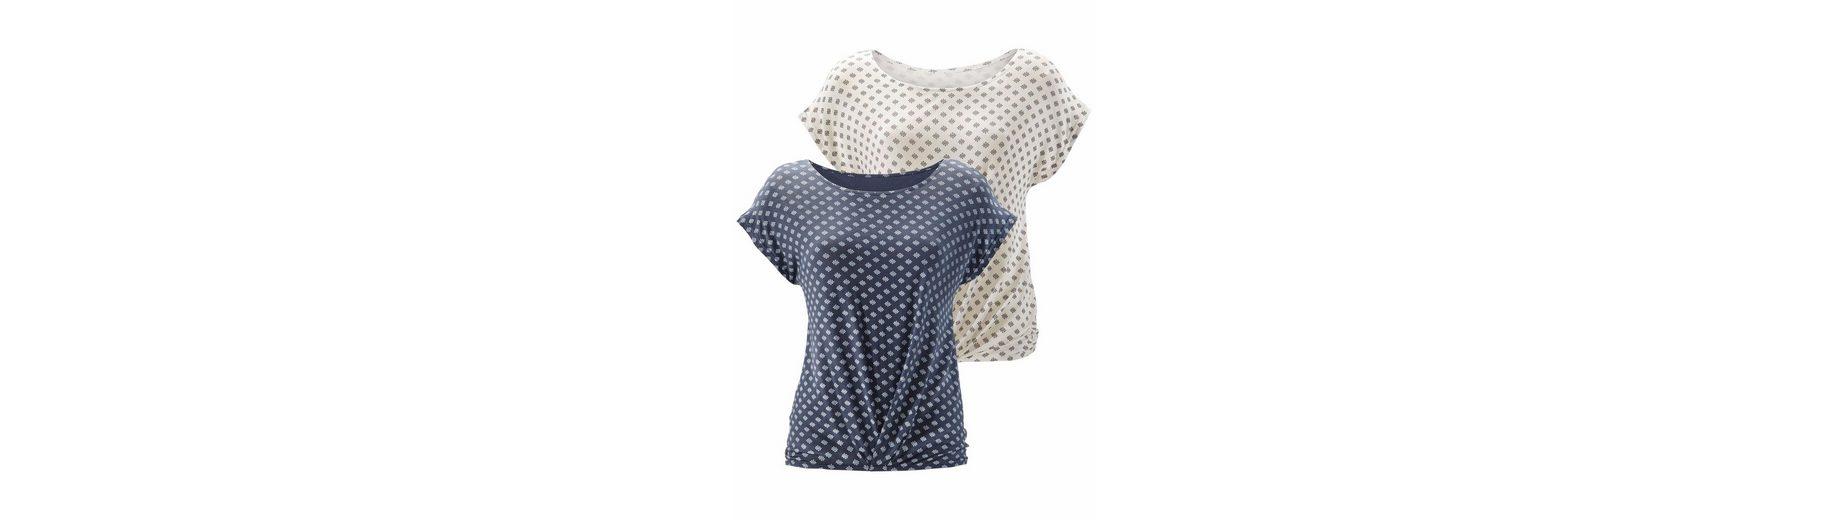 Günstige Kaufladen LASCANA Shirt (2 Stück) mit Faltendetail am Saum im 2er Sparpack Auslass-Websites Verkauf Nicekicks Verkauf Veröffentlichungstermine Genießen Sie Online bWYWg0